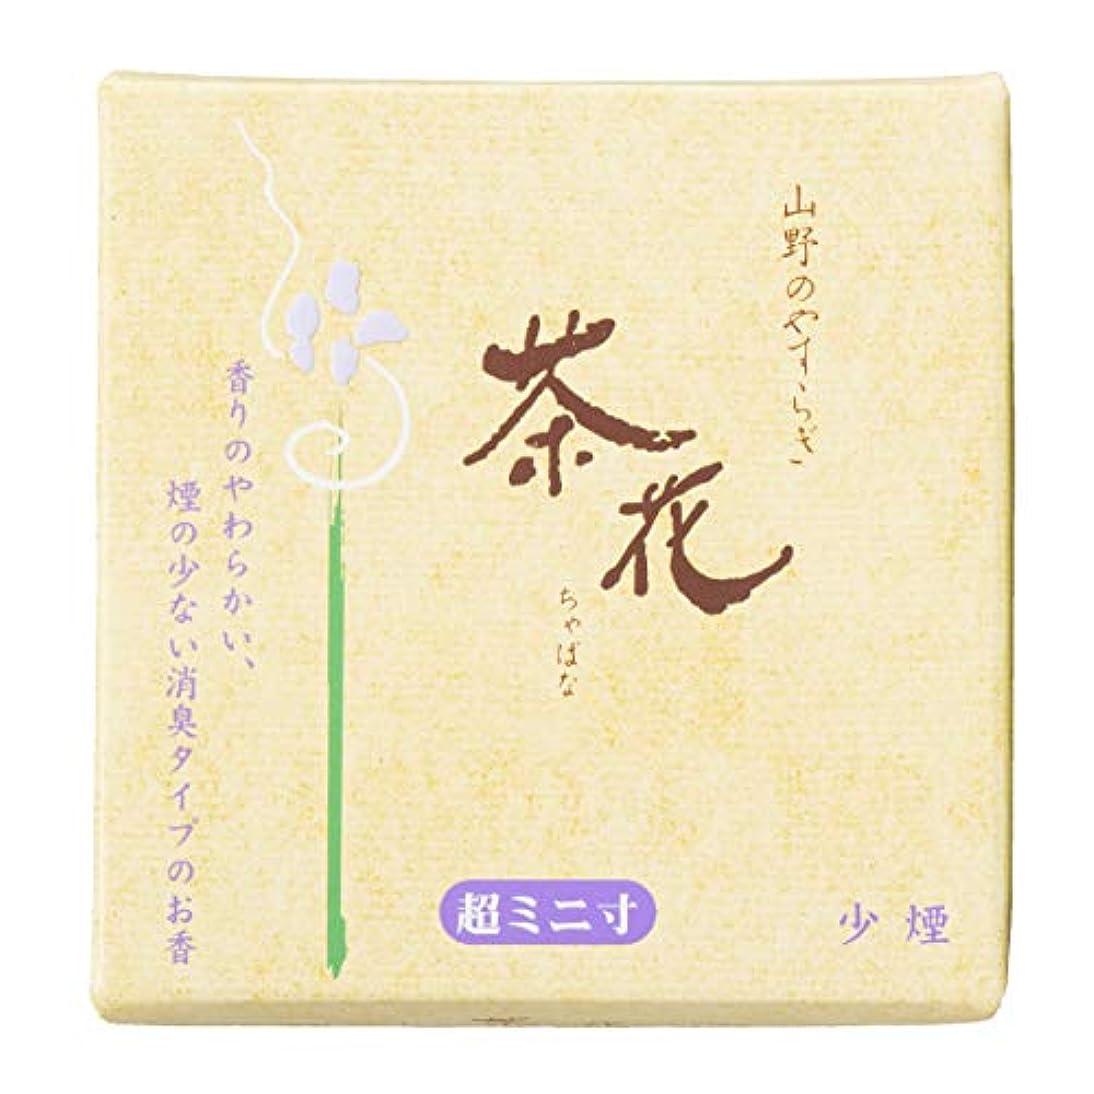 西キャプション一貫した尚林堂(Shorindo) 線香 黄箱 6cm 茶花 少煙 超ミニ寸 159120-1040